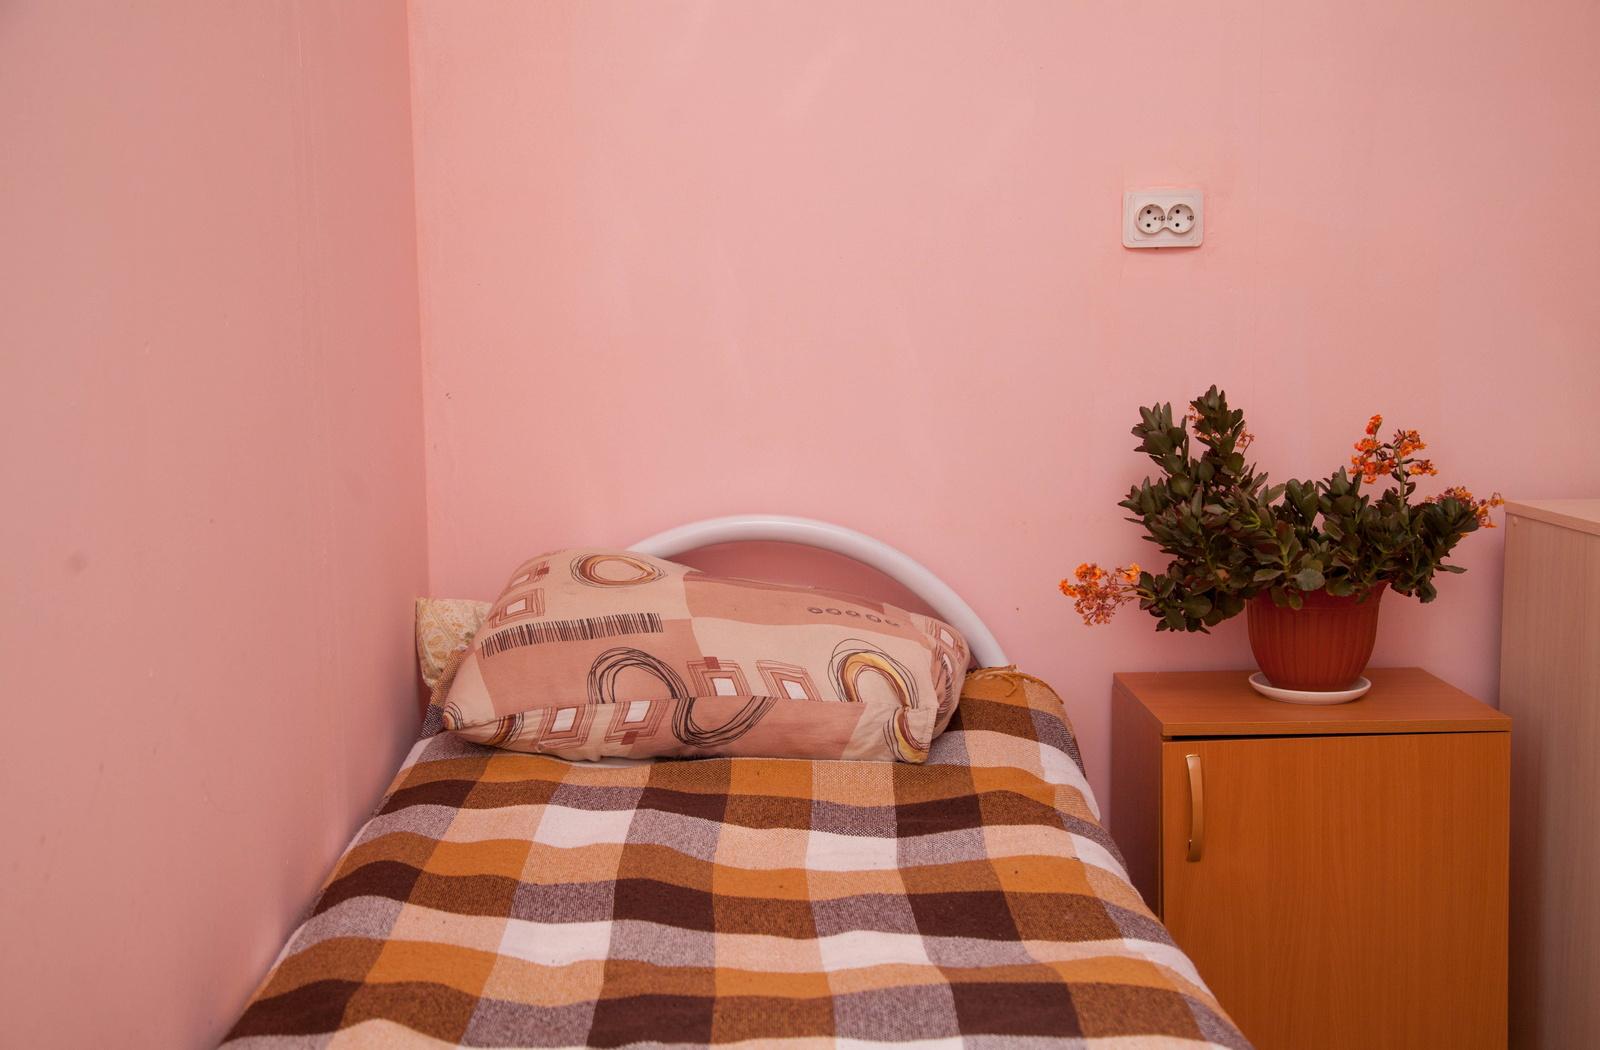 Балахтинский дом интернат для граждан пожилого возраста и инвалидов